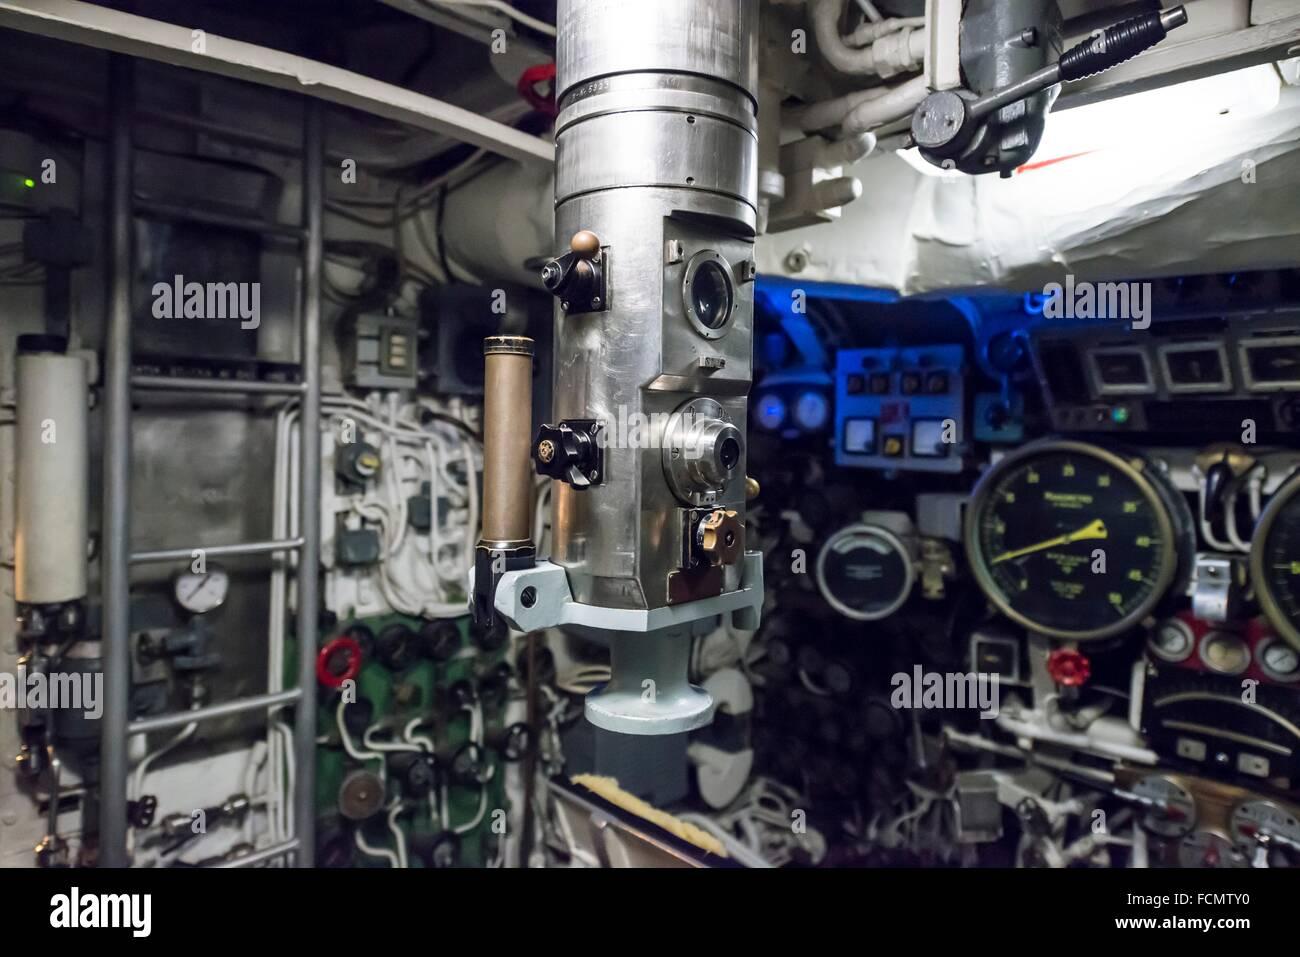 En un periscopio U-boat desde la guerra fría en Italia. Imagen De Stock